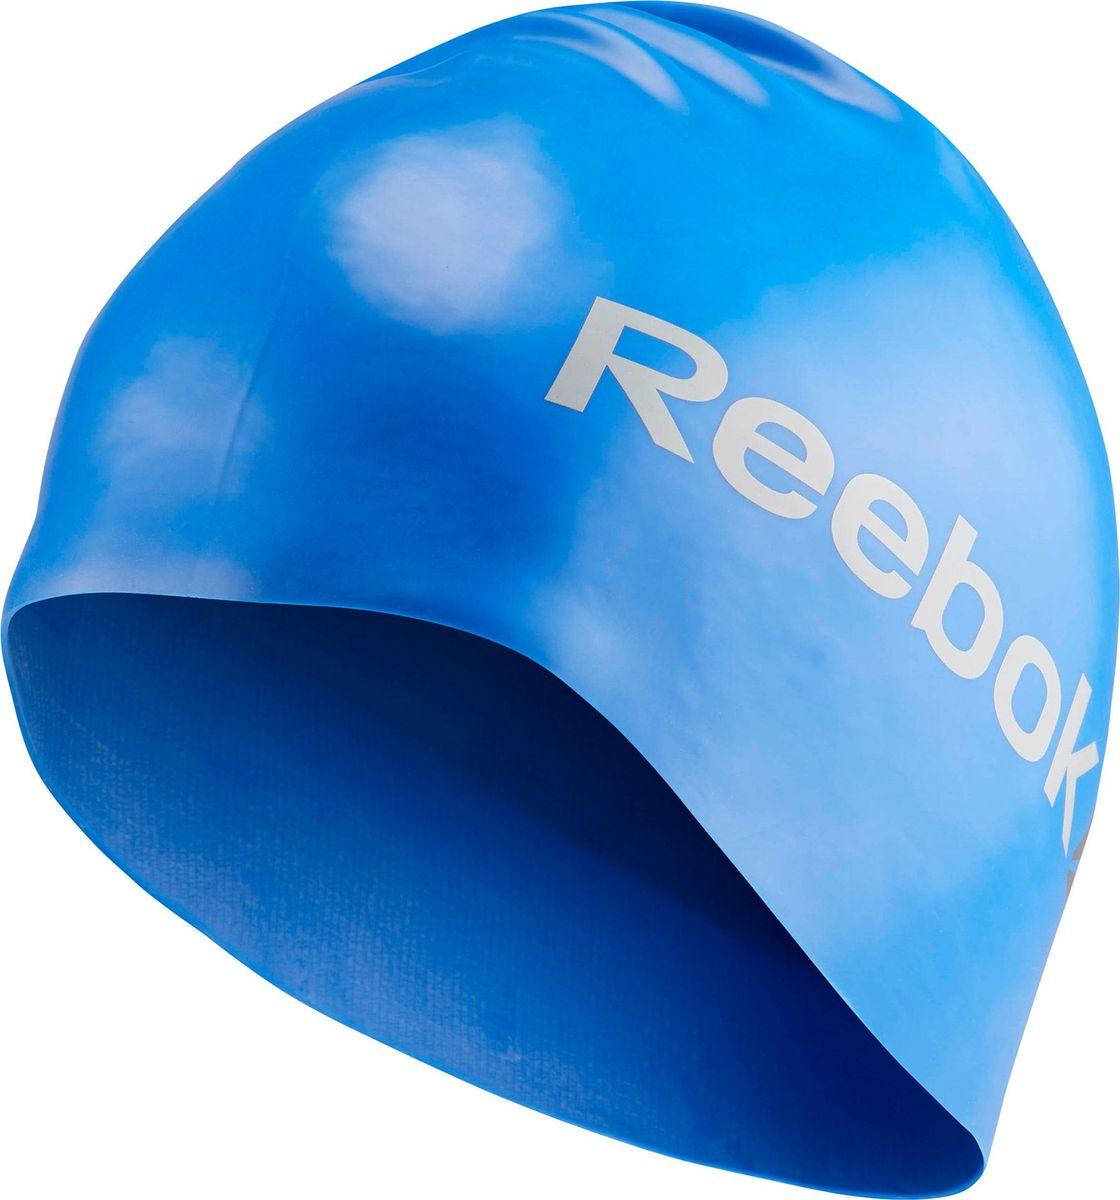 Шапочка для плавания Reebok Swim U Cap, цвет: синийCE1516Шапочка для плавания Reebok Swim U Cap позволит вам с комфортом подготовиться к соревнованиям. Благодаря эргономичному дизайну и использованному материалу вам гарантирована надежная защита от воды, как в бассейне, так и в открытом водоеме.Модель выполнена из высококачественного силикона. Внутреннее покрытие обеспечивает дополнительное сцепление и более надежную посадку.